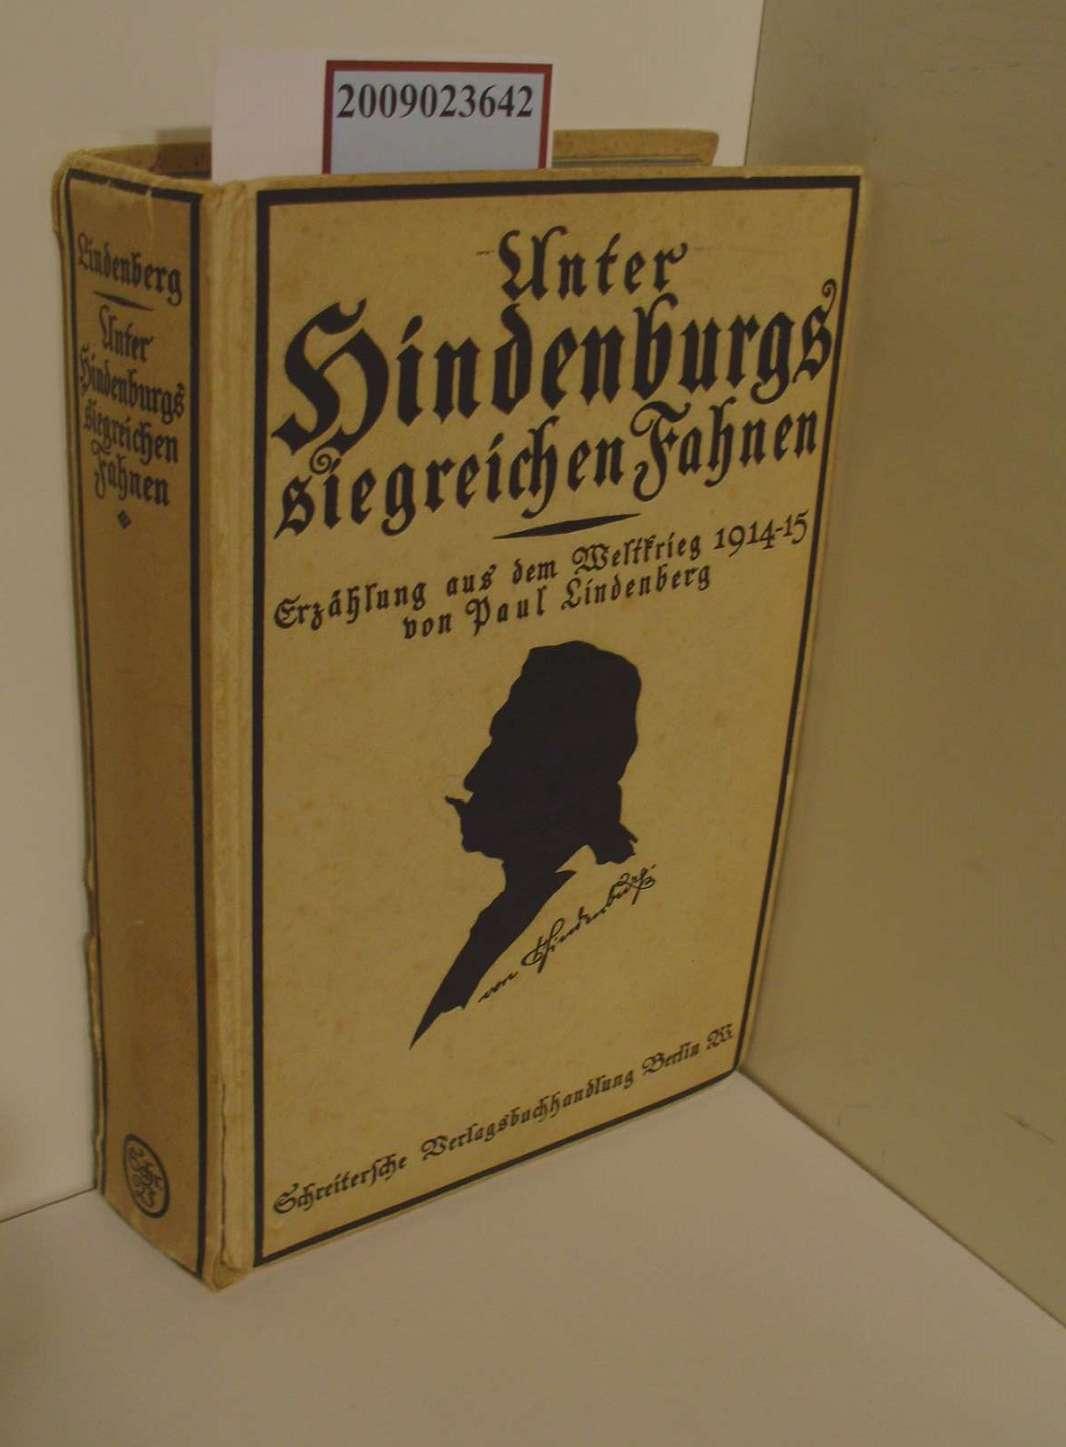 Unter Hindenburgs siegreichen Fahnen - Erzählung aus: Lindenberg, Paul: